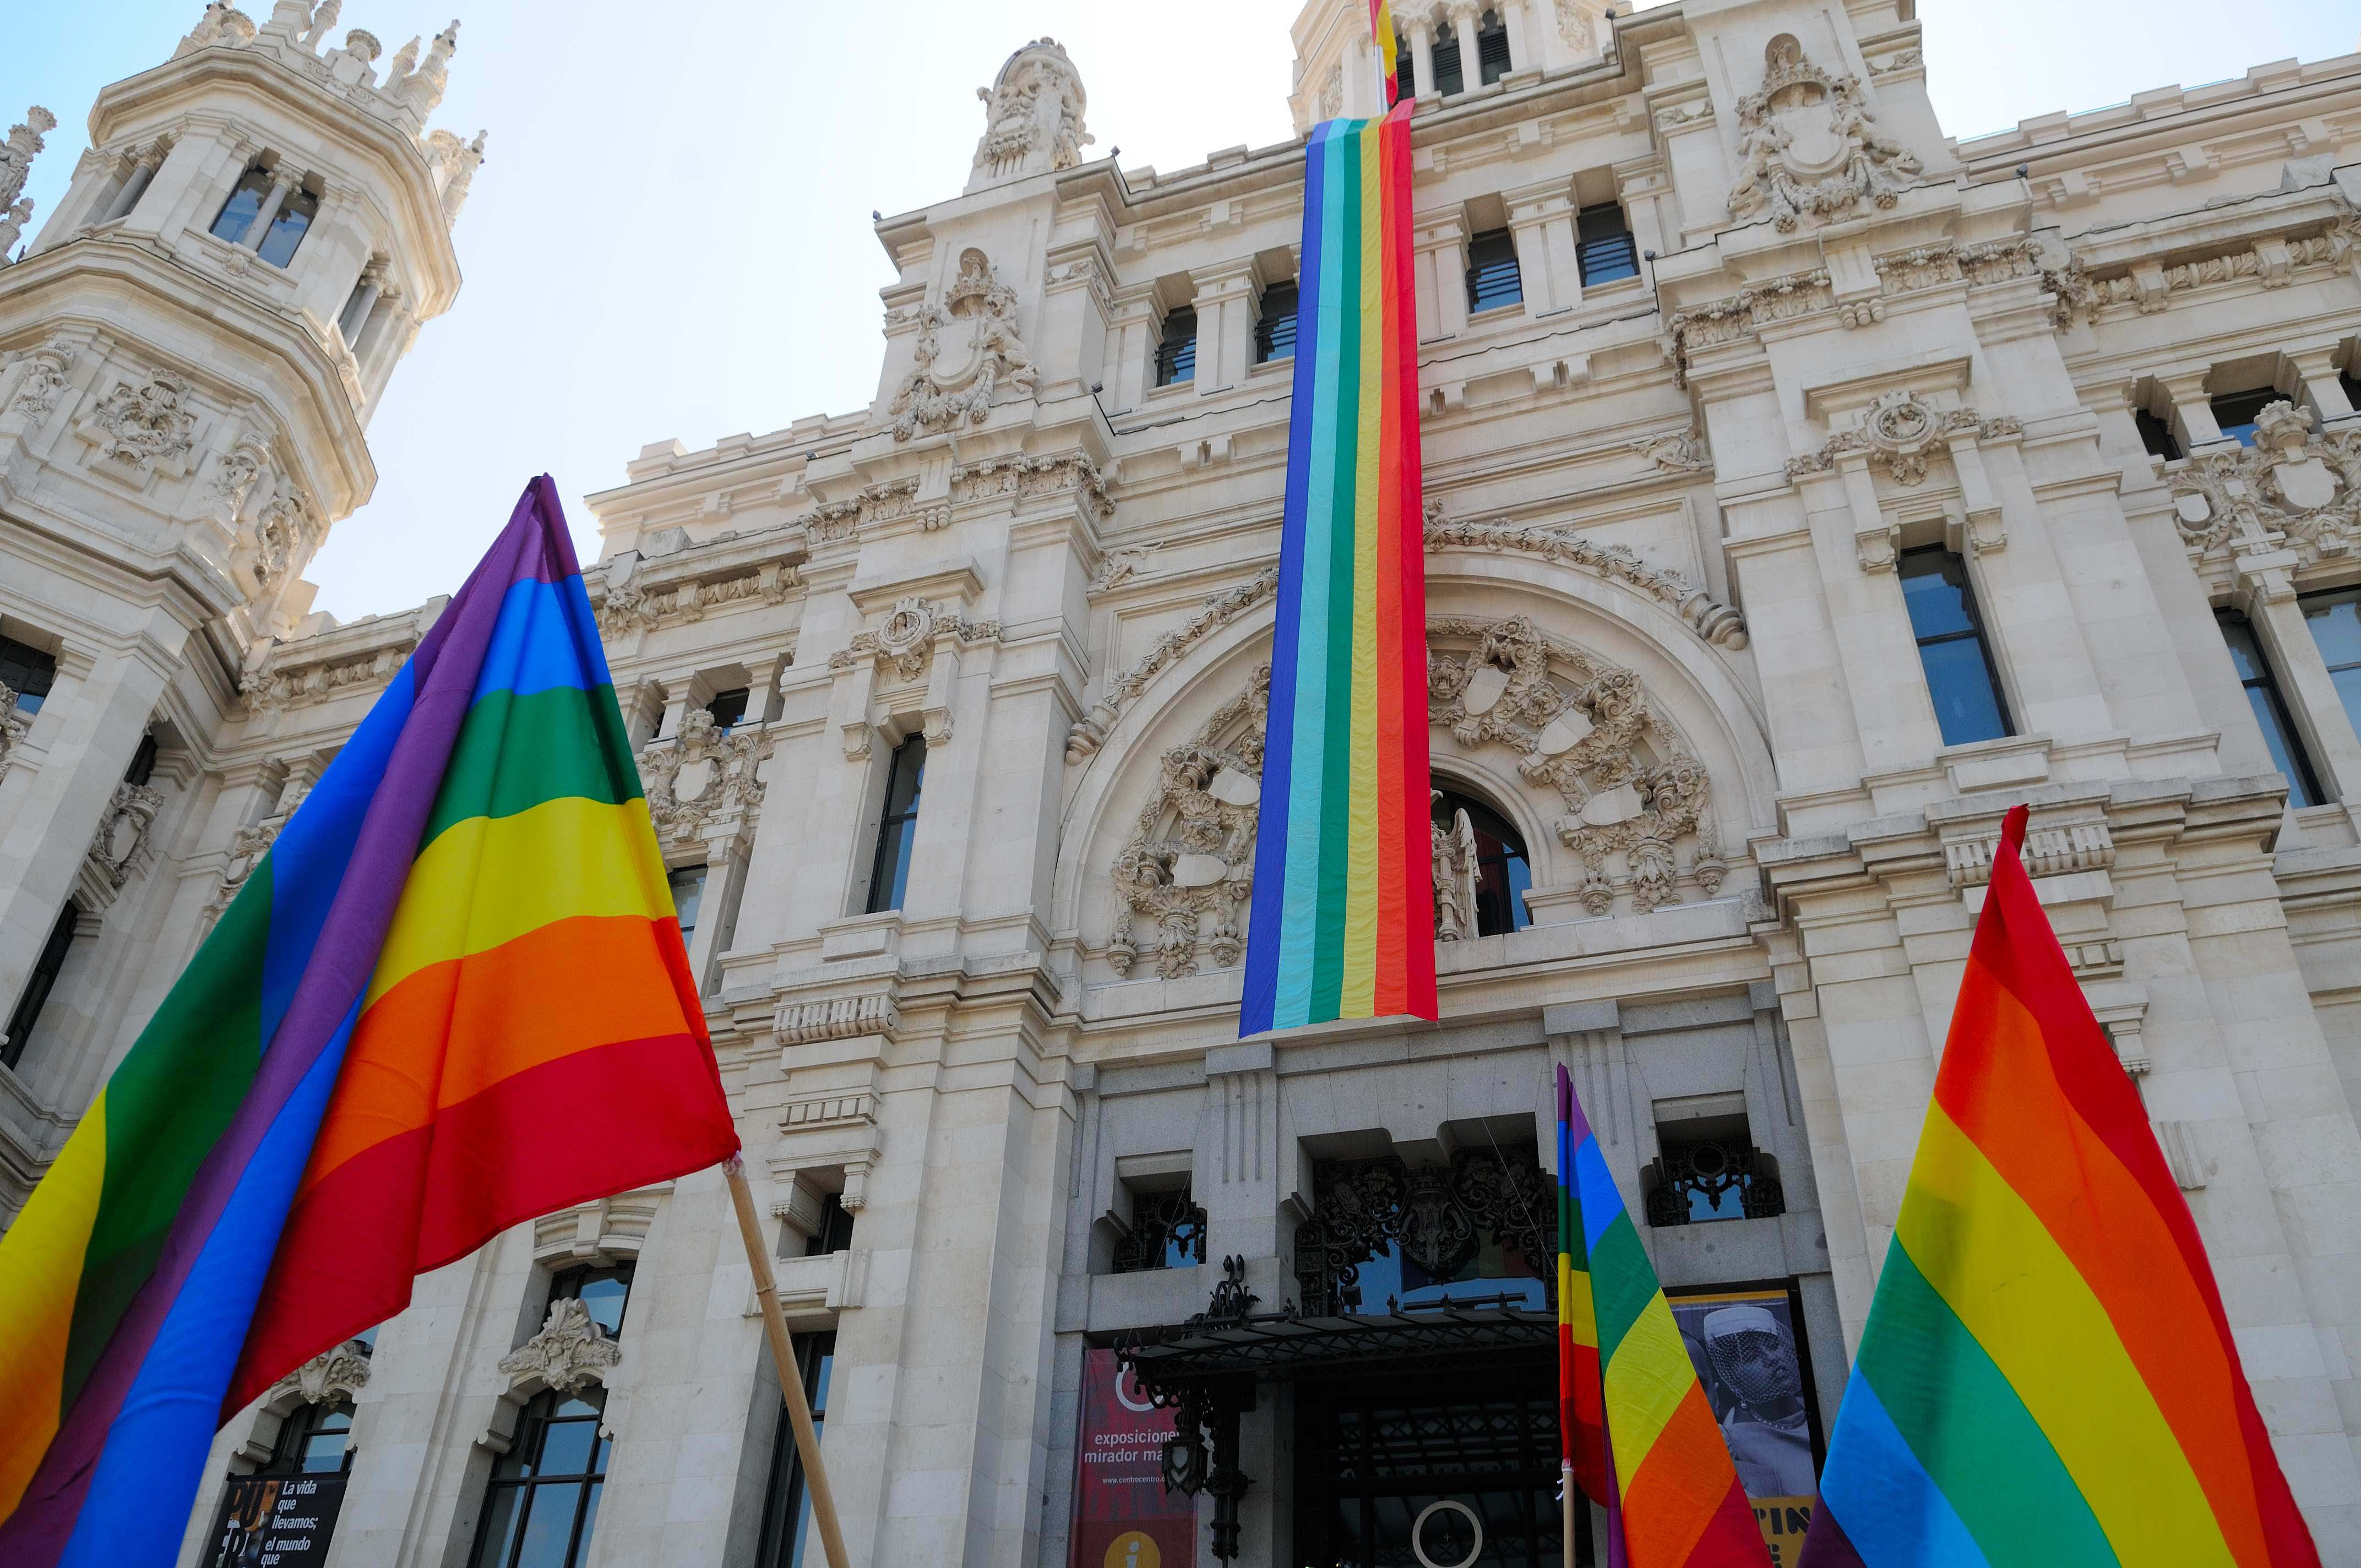 Los visitantes al evento tendrán una media de gastos estimados de 500 euros, según de la Confederación del Comercio Especializado de Madrid.